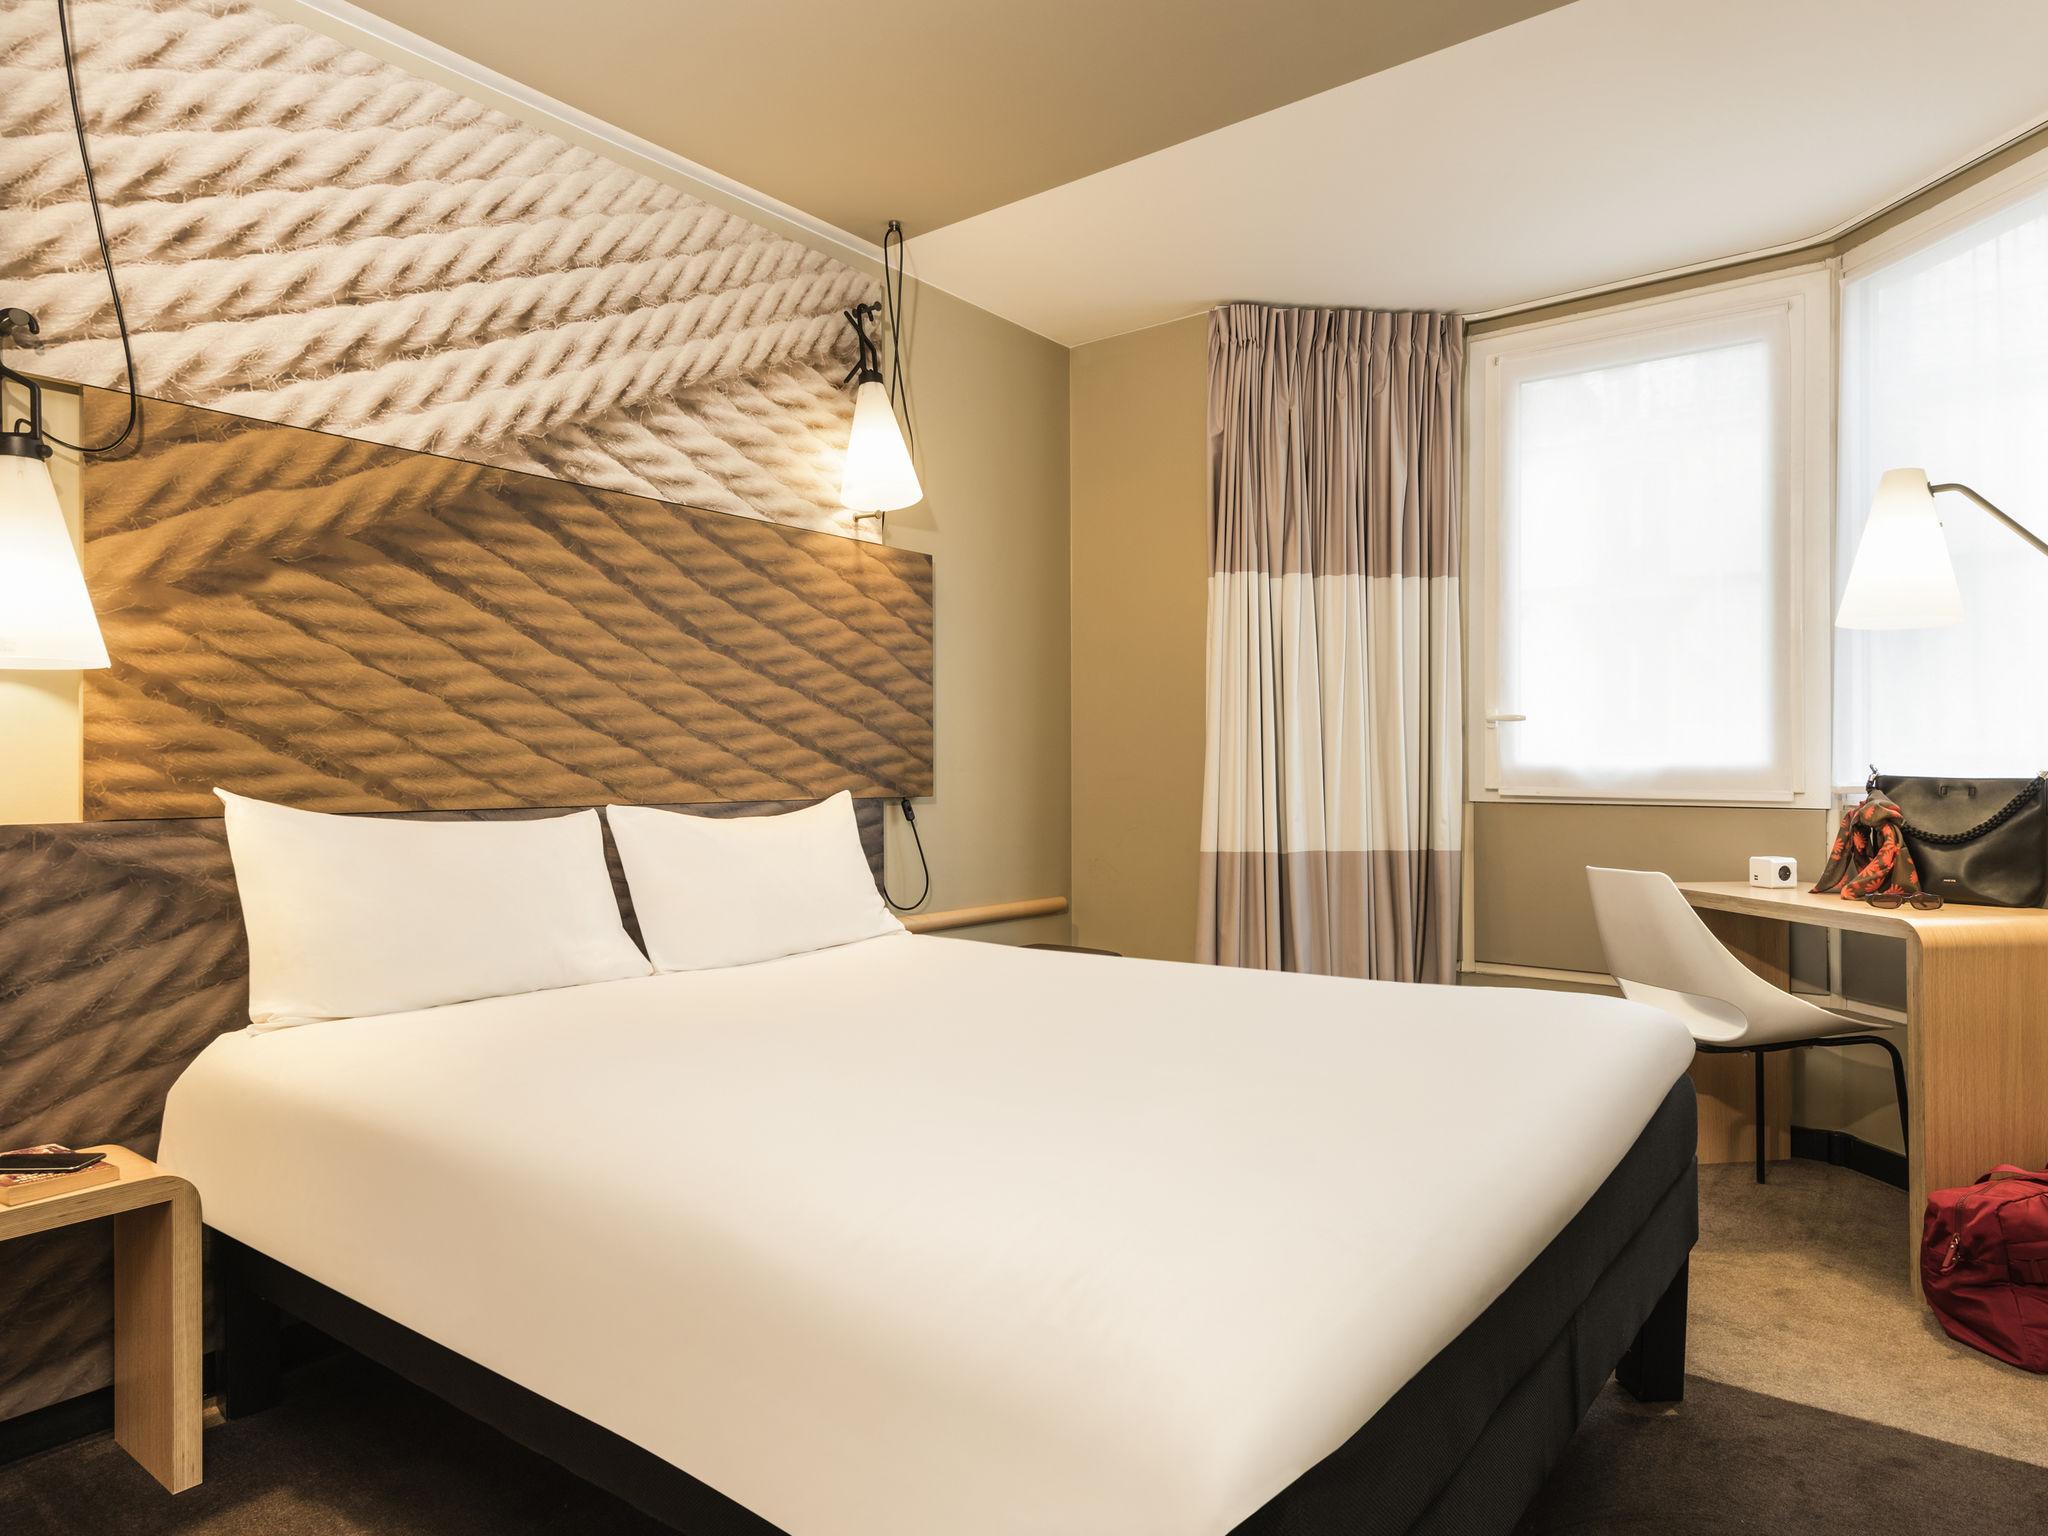 فندق - إيبيس ibis باريس غار دي نور شاتو لاندون الدائرة 10